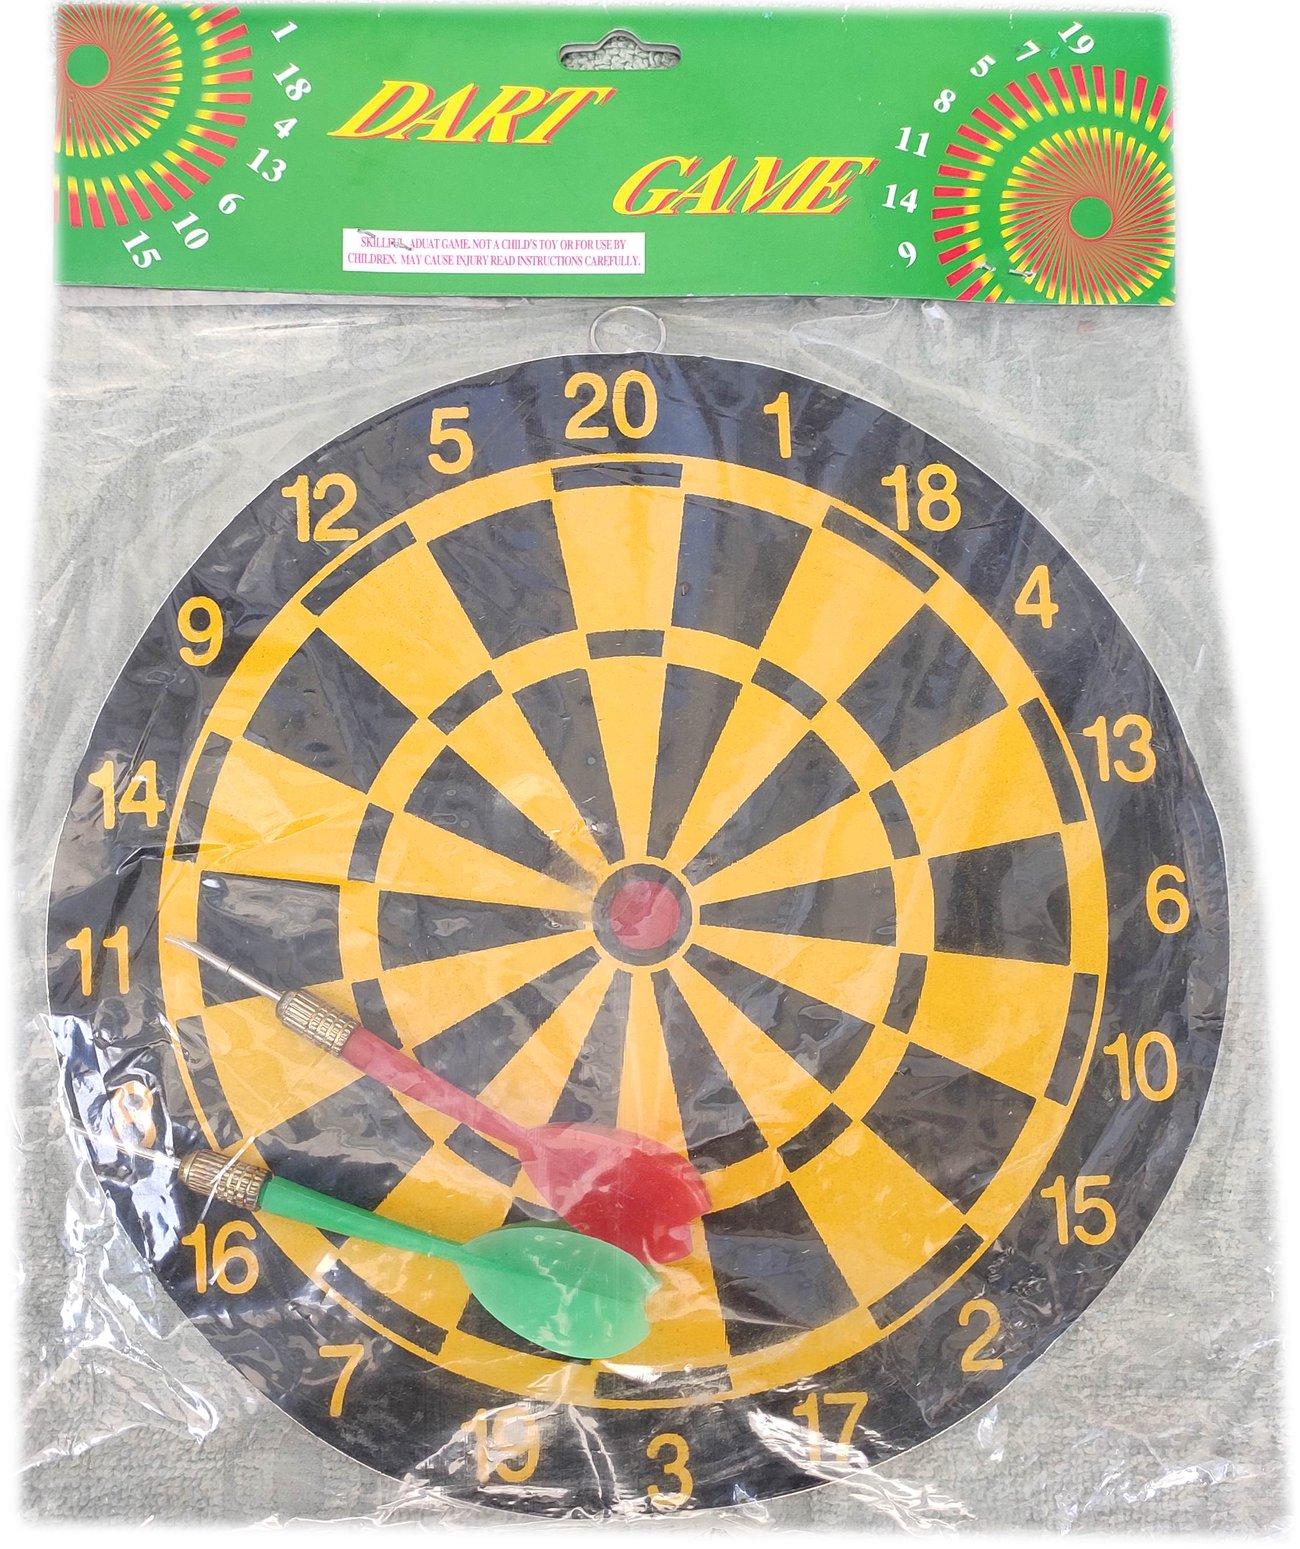 Детски комплект Дартс 23 голям комплект със стрели